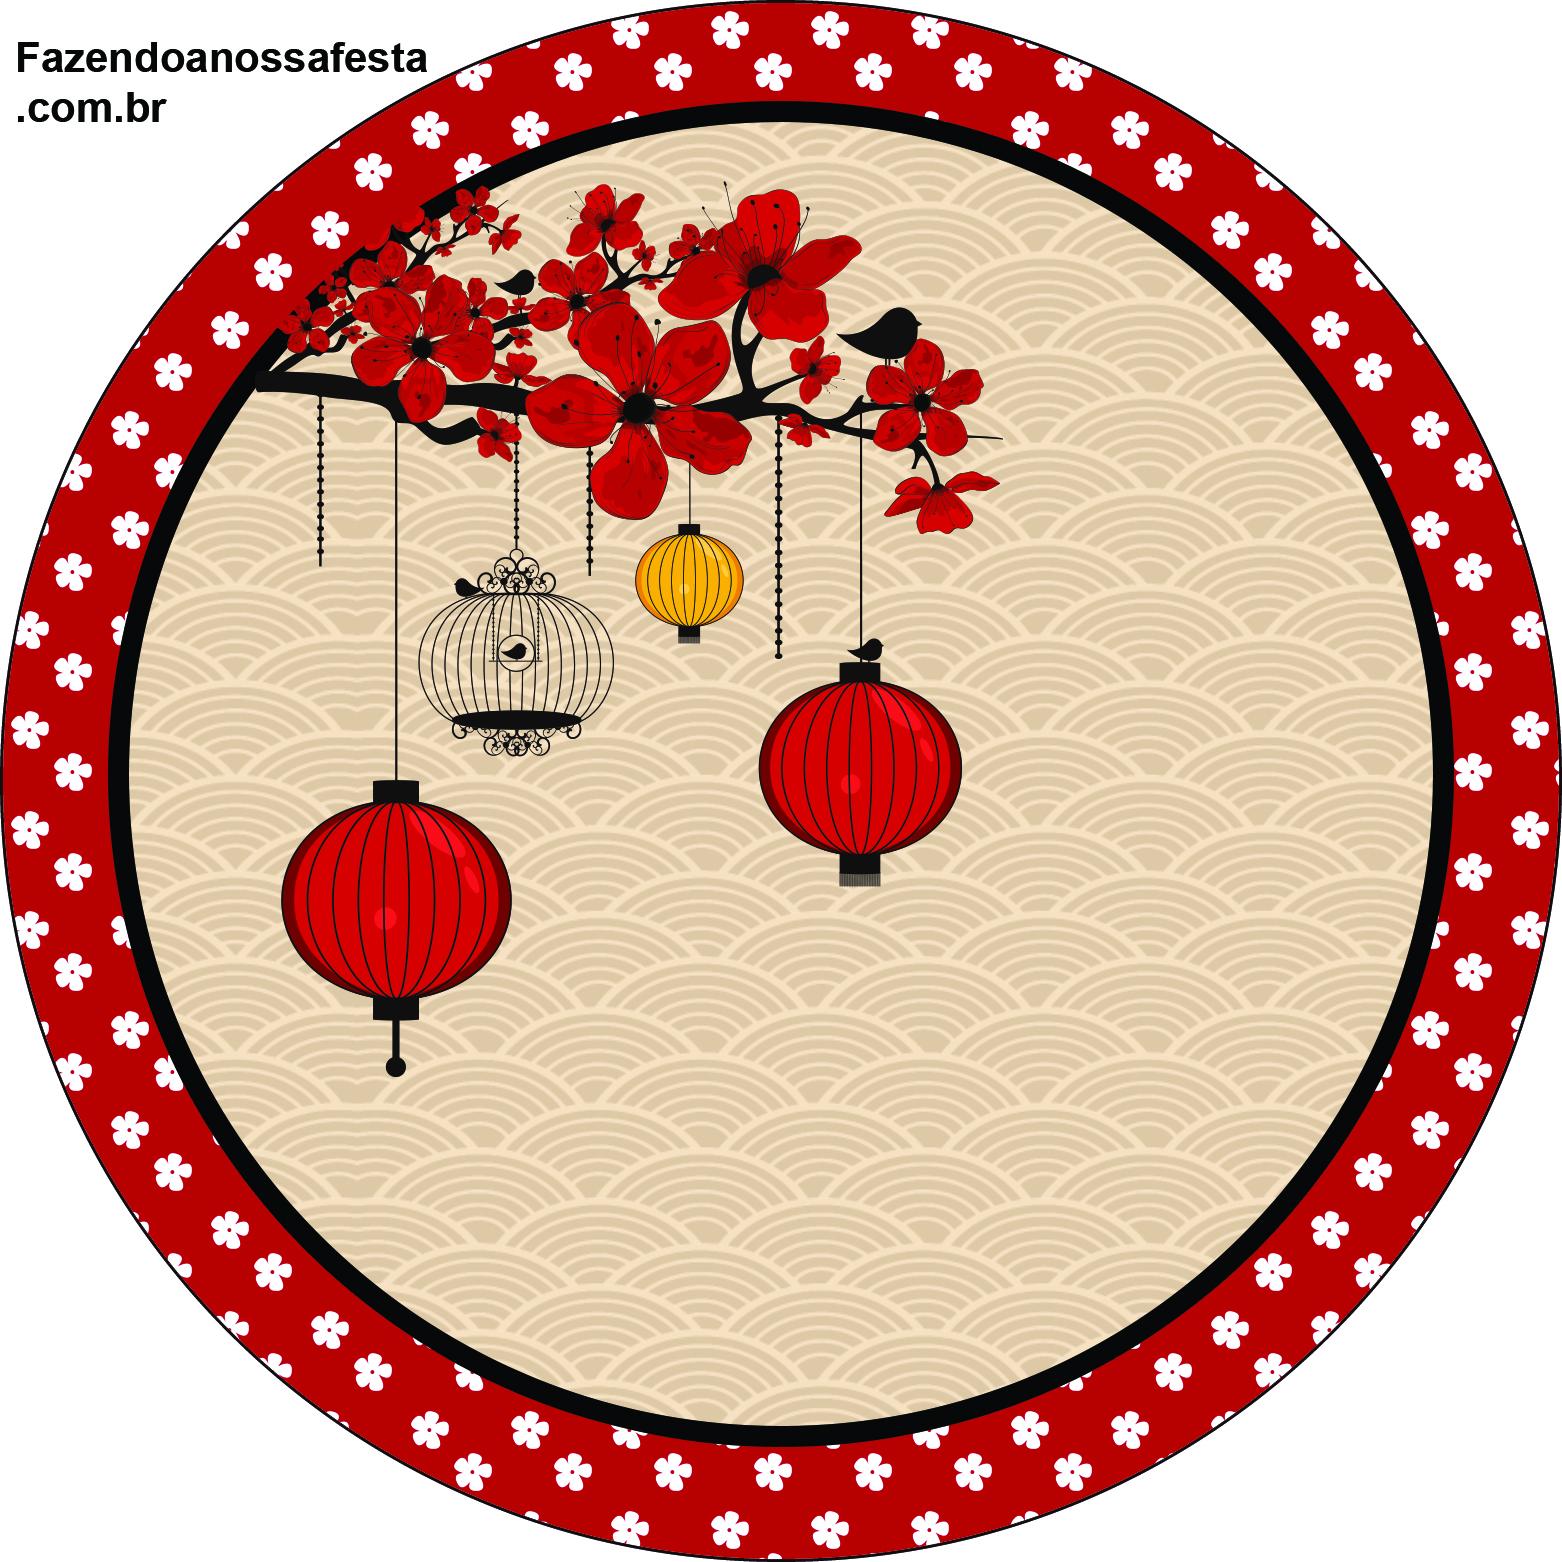 Rótulos para: Latinha,Gelatina,Tampinhas,Adesivos,Marmita Redonda e Toppers Cupcakes  Oriental Japonês: